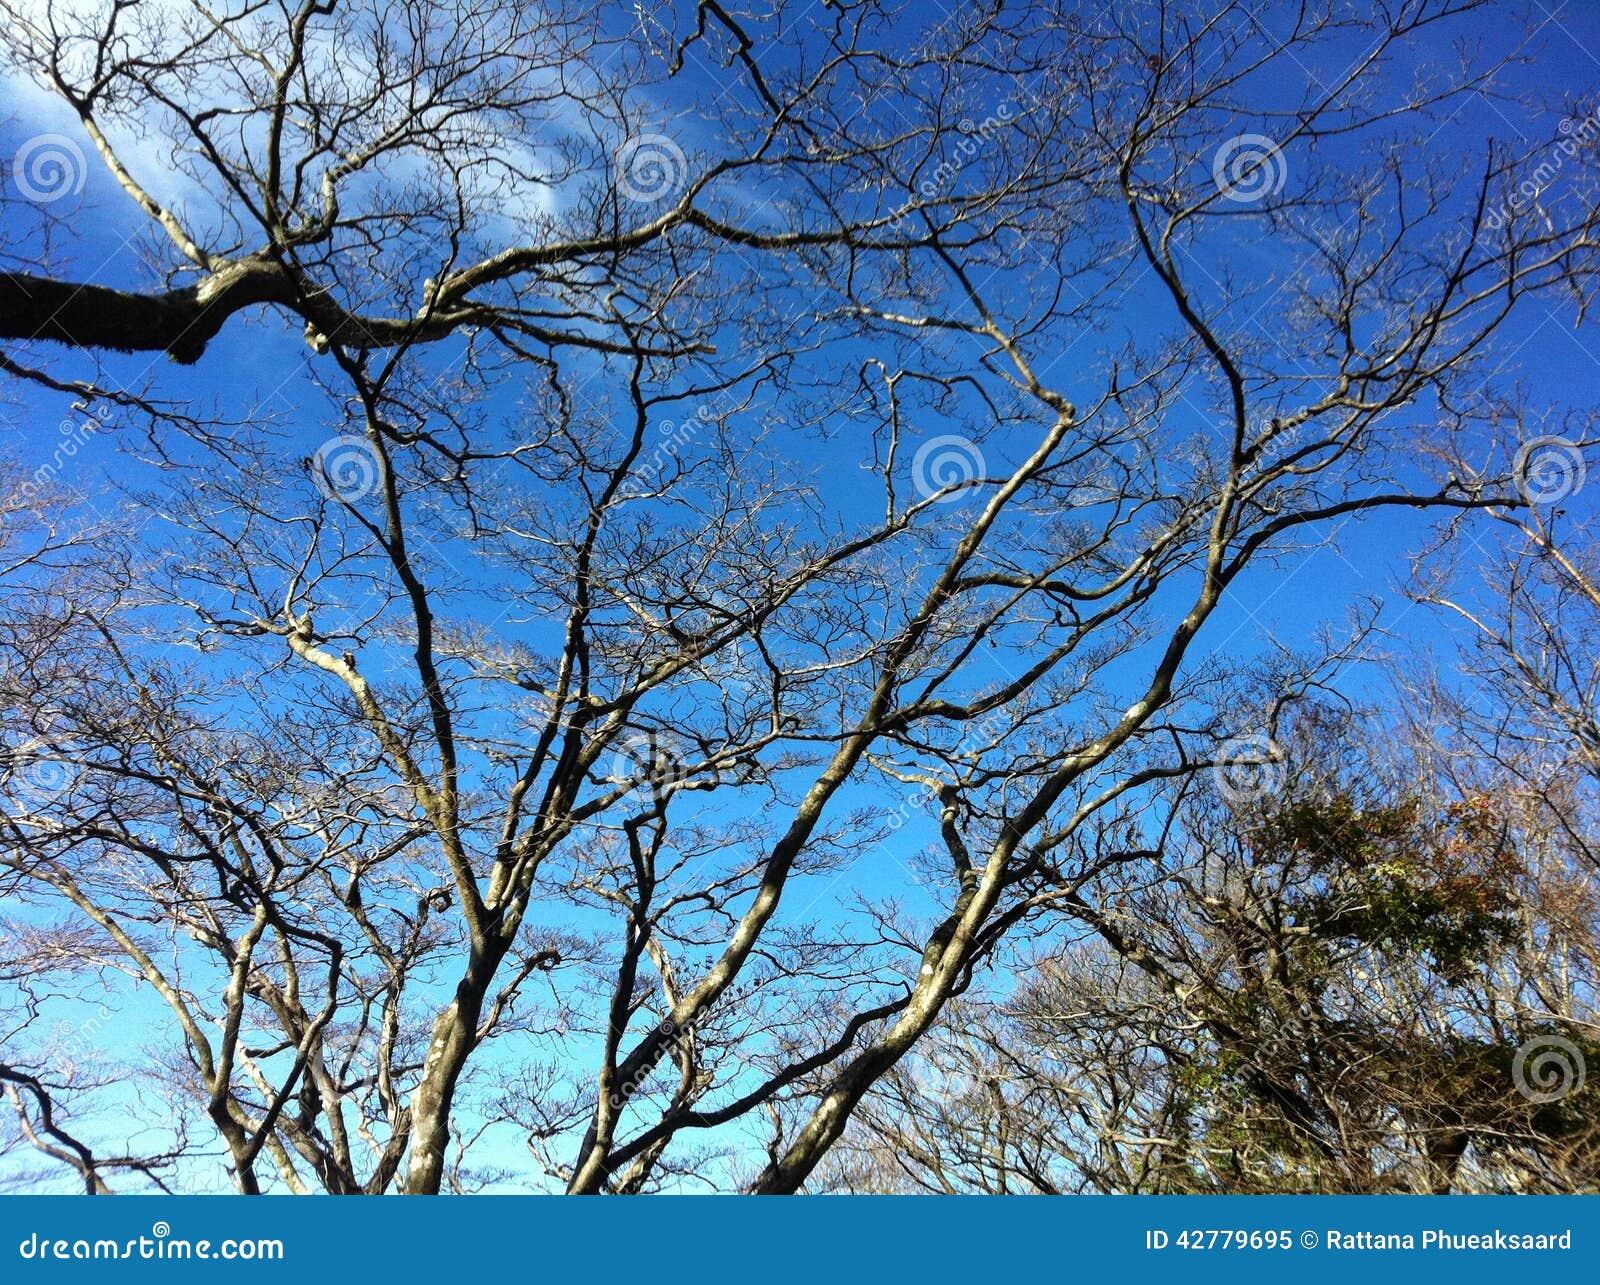 Branching tree